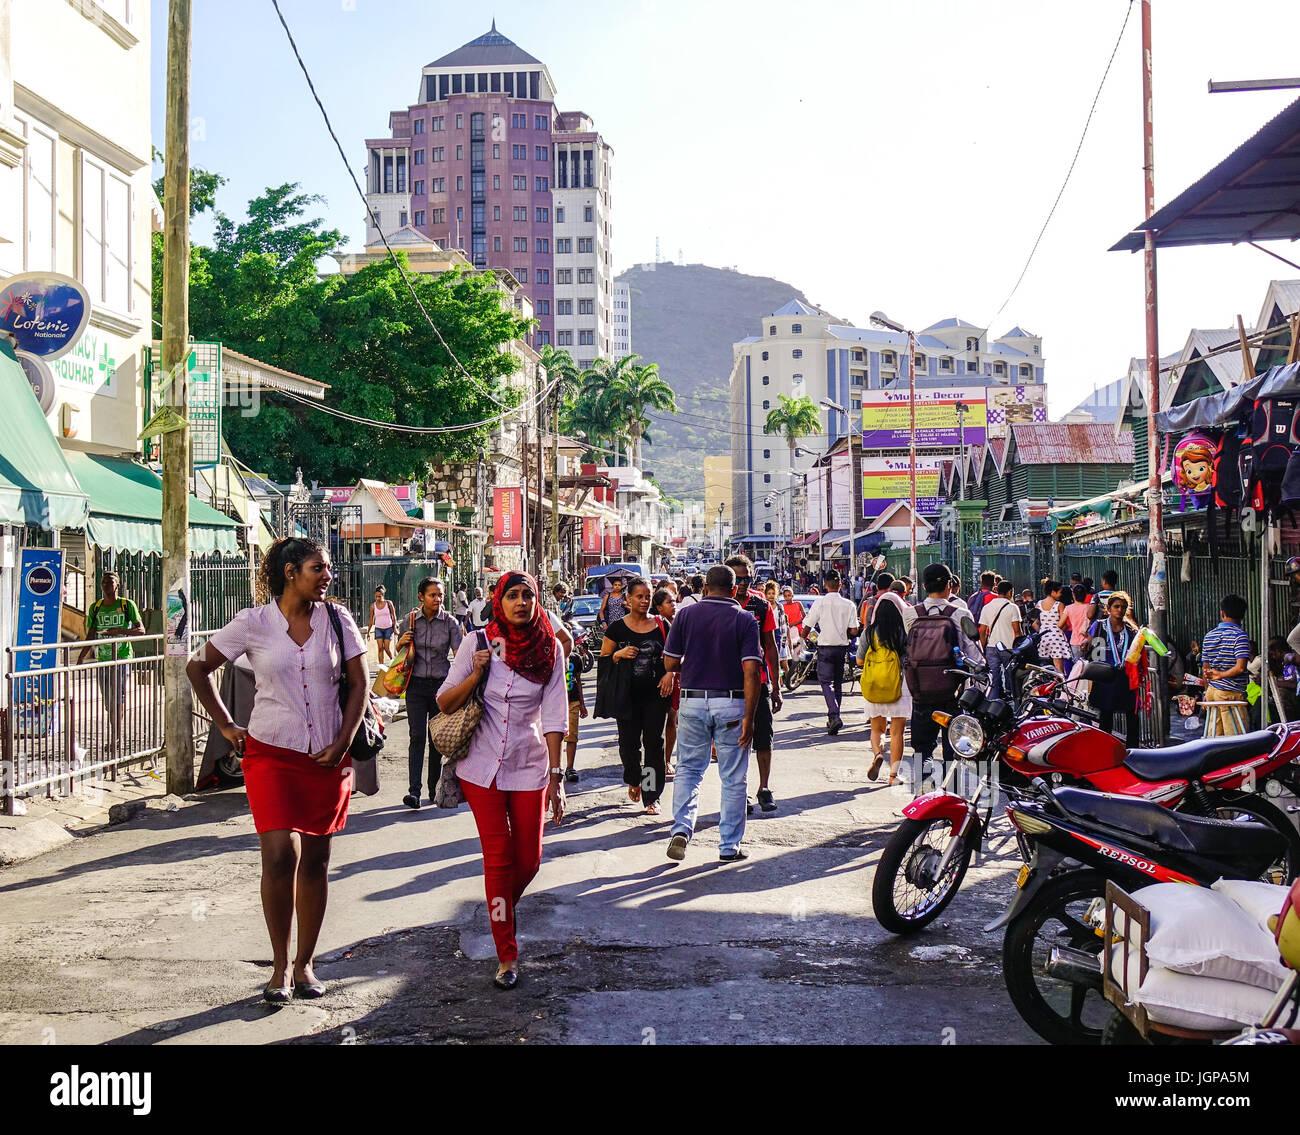 Port Louis, Mauritius - Jan 4, 2017. People walking on street in Port Louis, Mauritius. Port Louis is the business Stock Photo